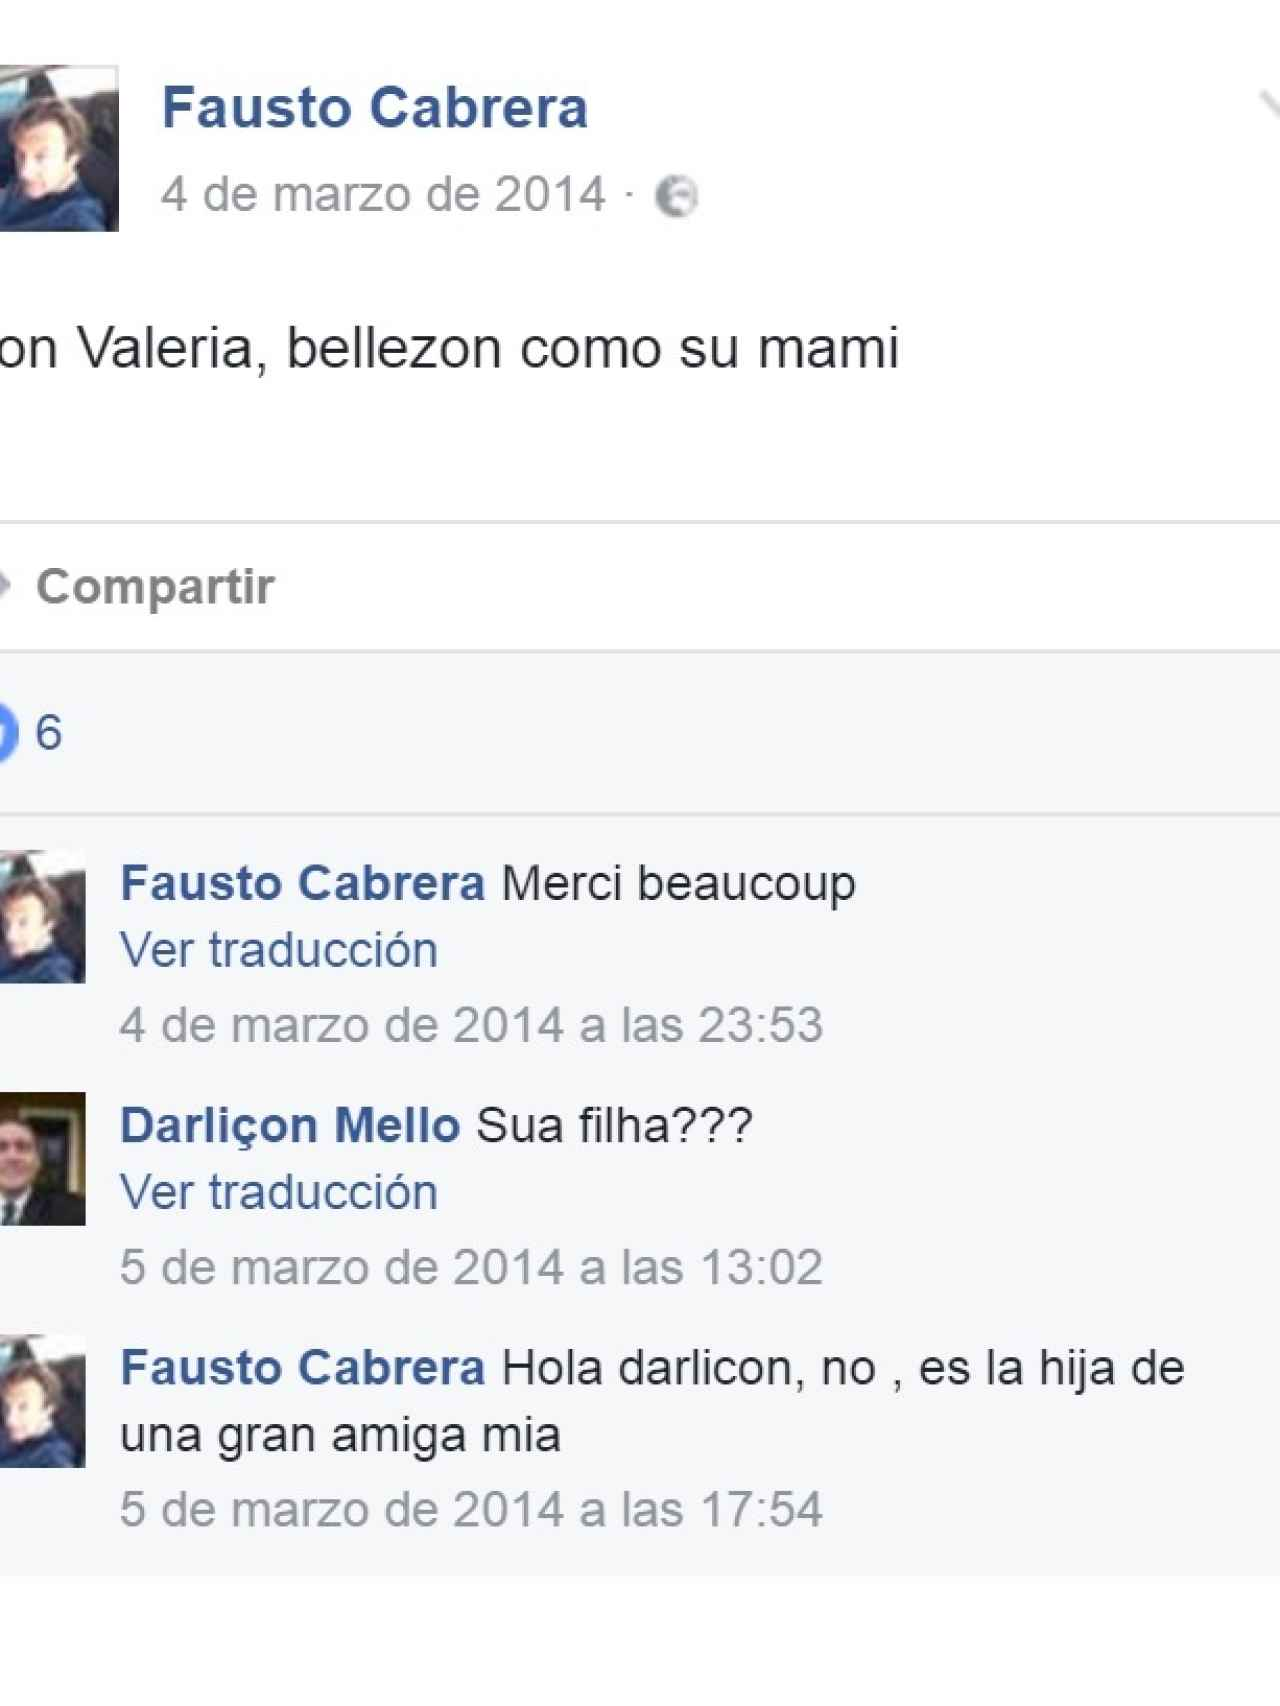 Conversación de Fausto Cabrera sobre su relación con Valeria y Quer y su madre